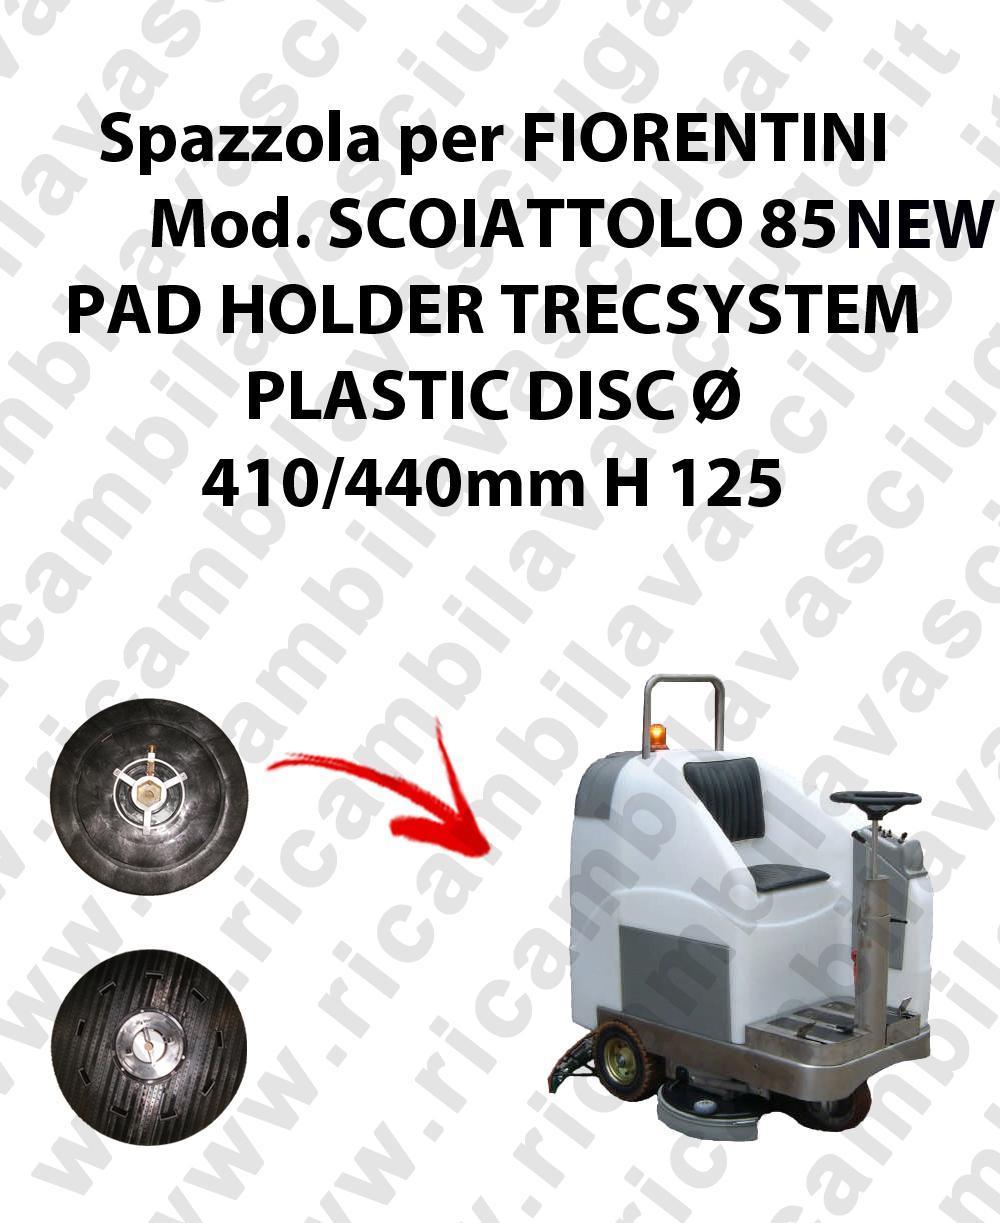 PAD HOLDER TRECSYSTEM  for scrubber dryer FIORENTINI Model SCOIATTOLO 85 NEW